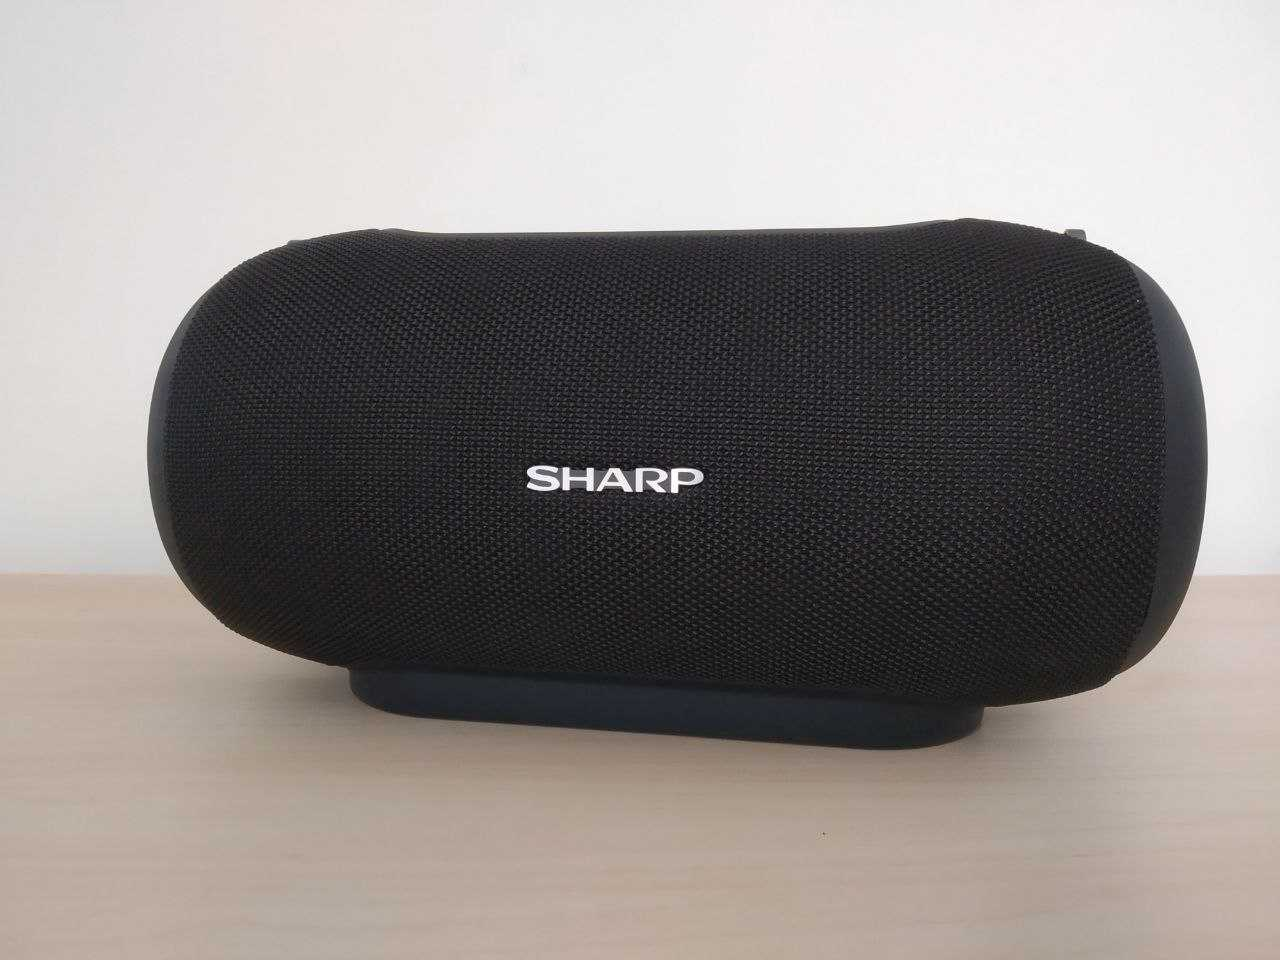 Recensione Sharp GX-BT480: potenza e stile da vendere